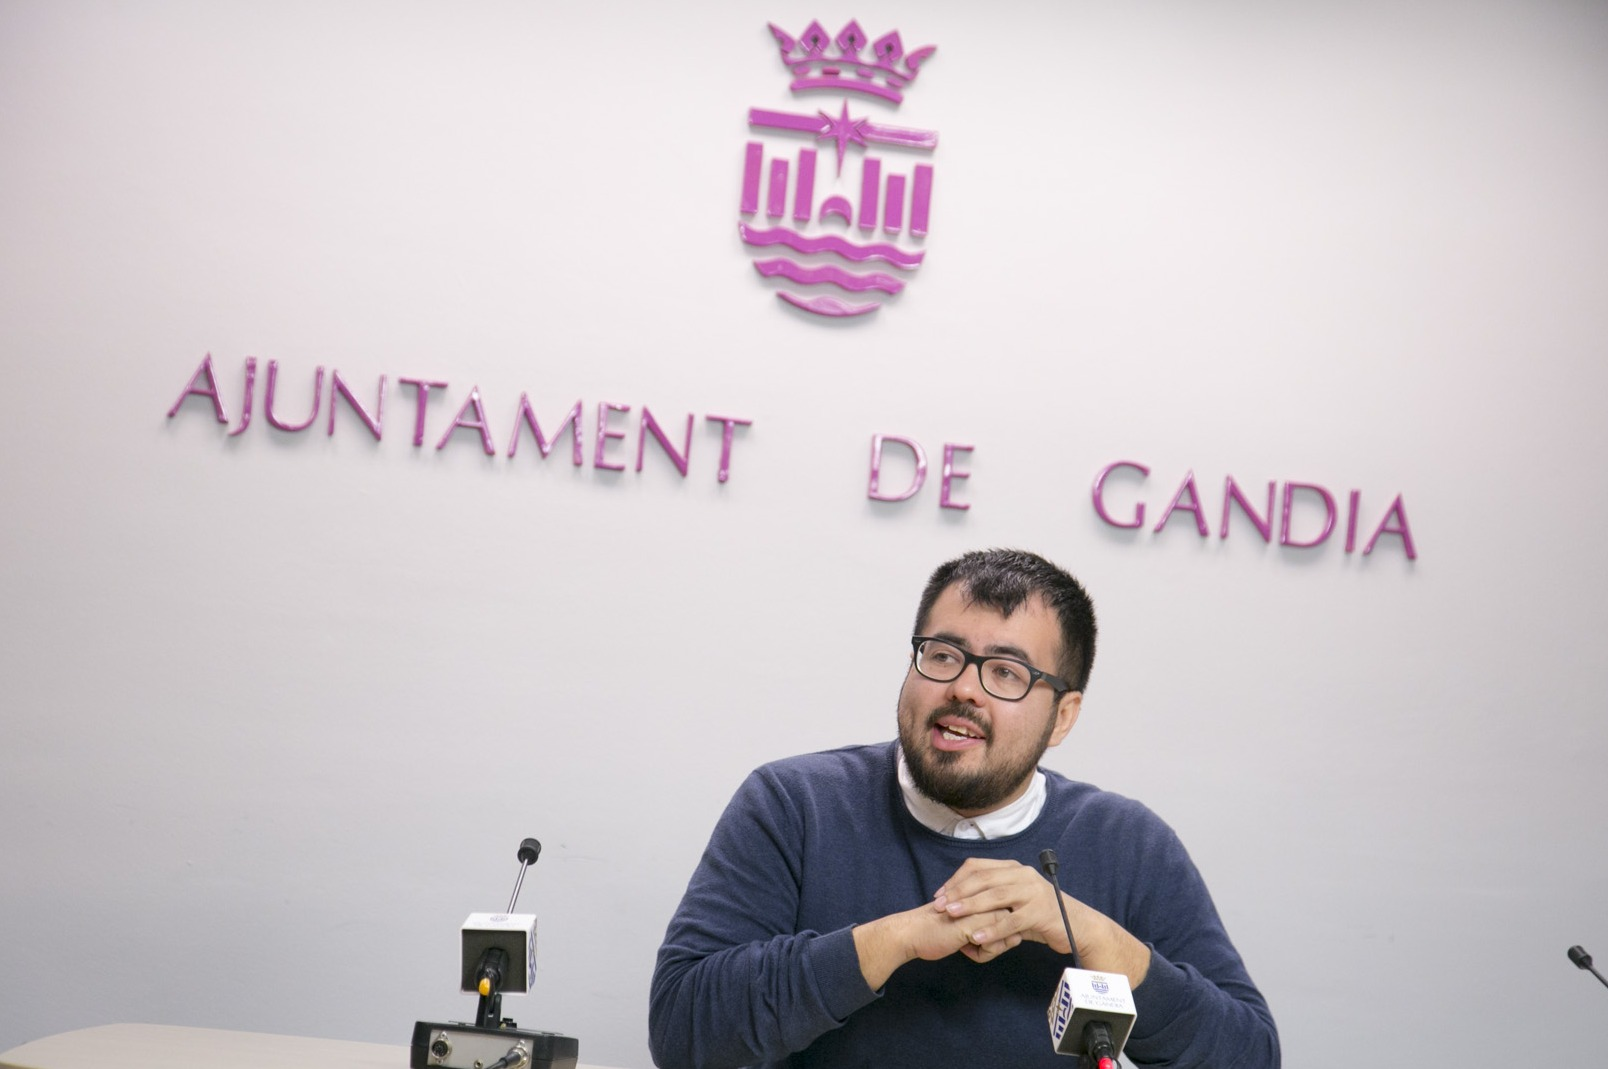 El Ayuntamiento de Gandia ofrece 4 puestos de trabajo